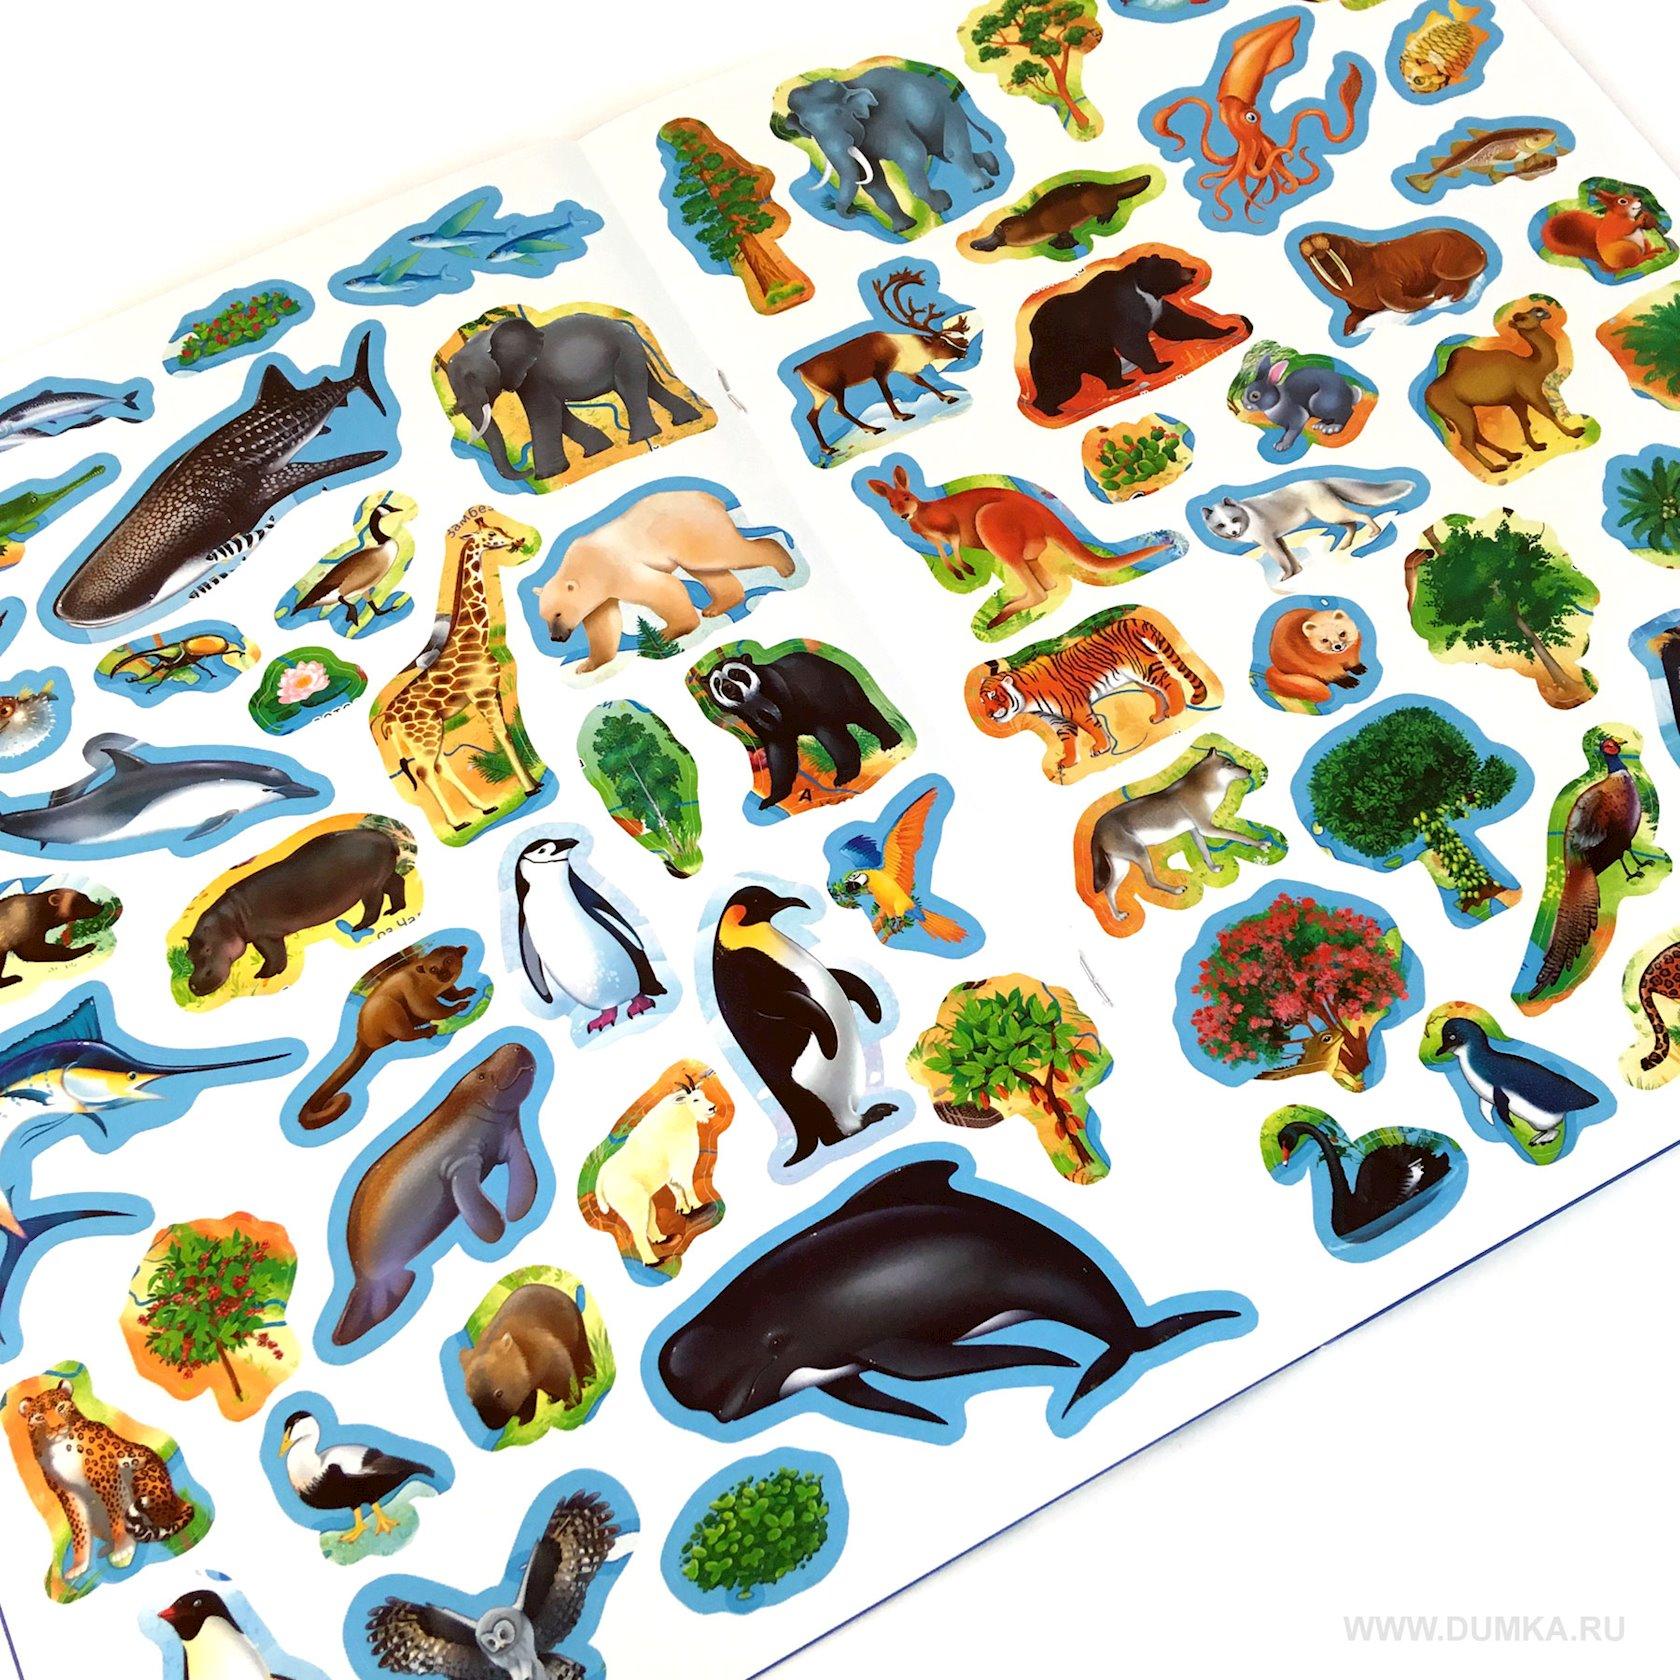 Kitab Yapışdırmalar ilə Dünya atlası. Heyvanlar və bitkilər